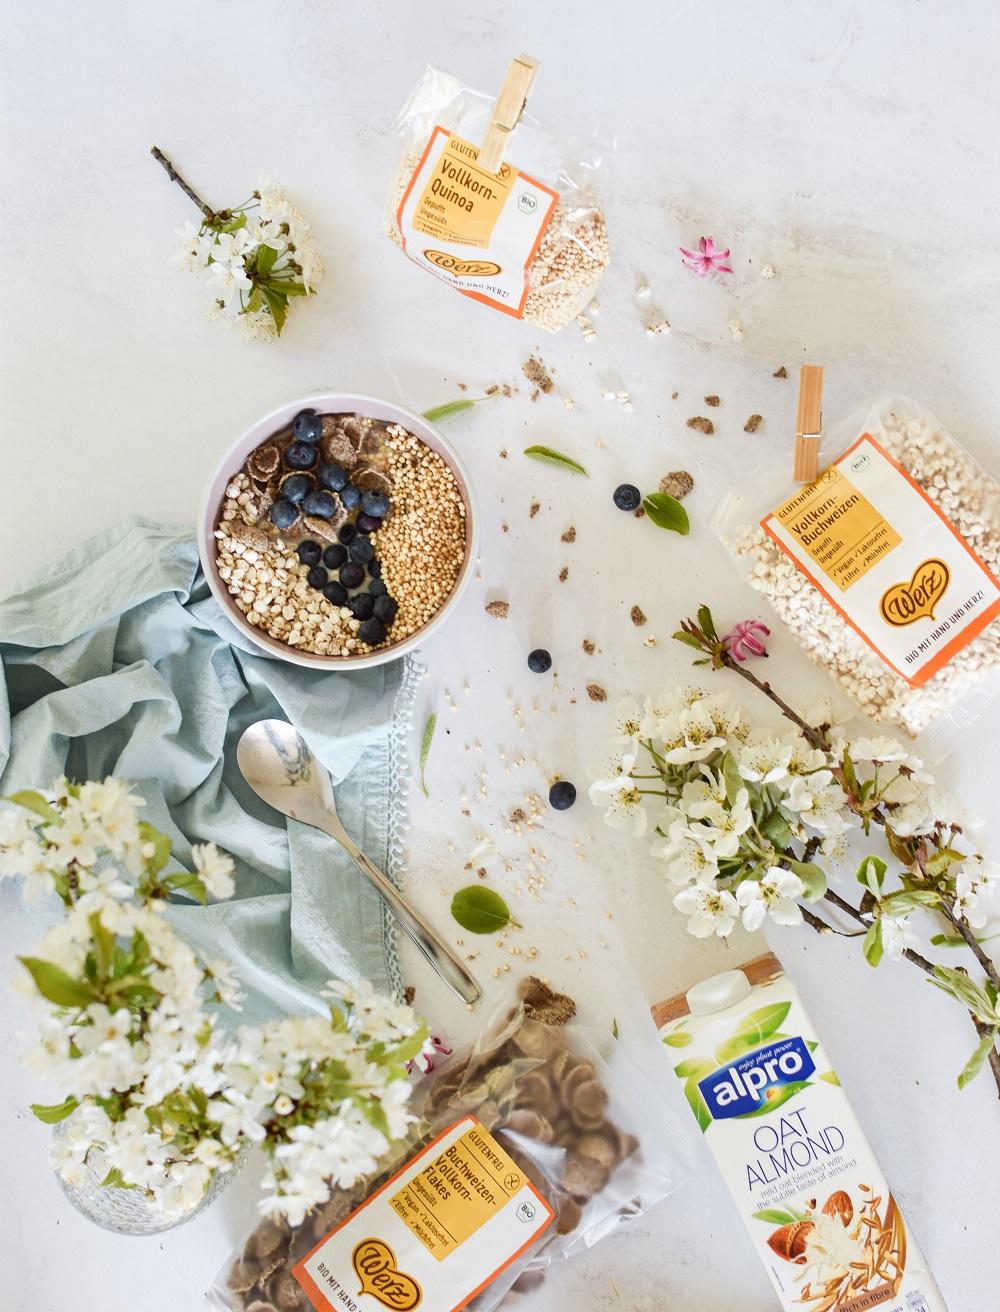 Ste za zdrav pomladni zajtrk?